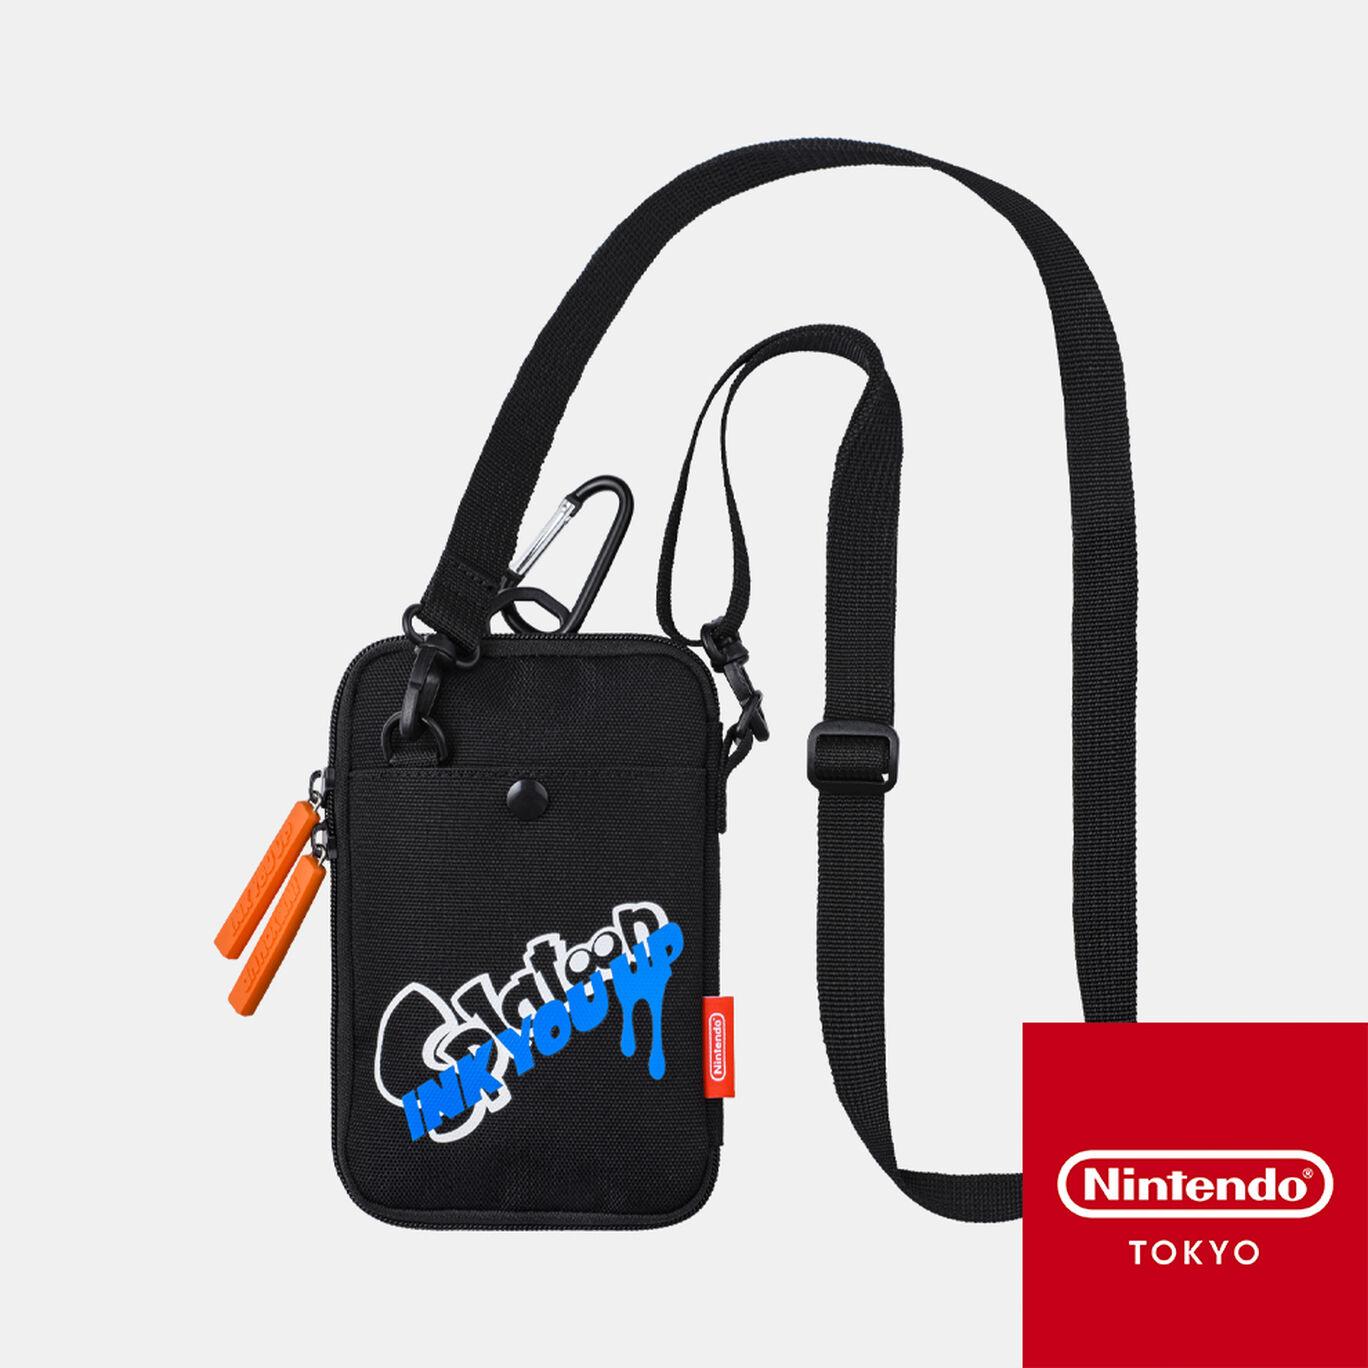 マルチポーチ INK YOU UP【Nintendo TOKYO取り扱い商品】